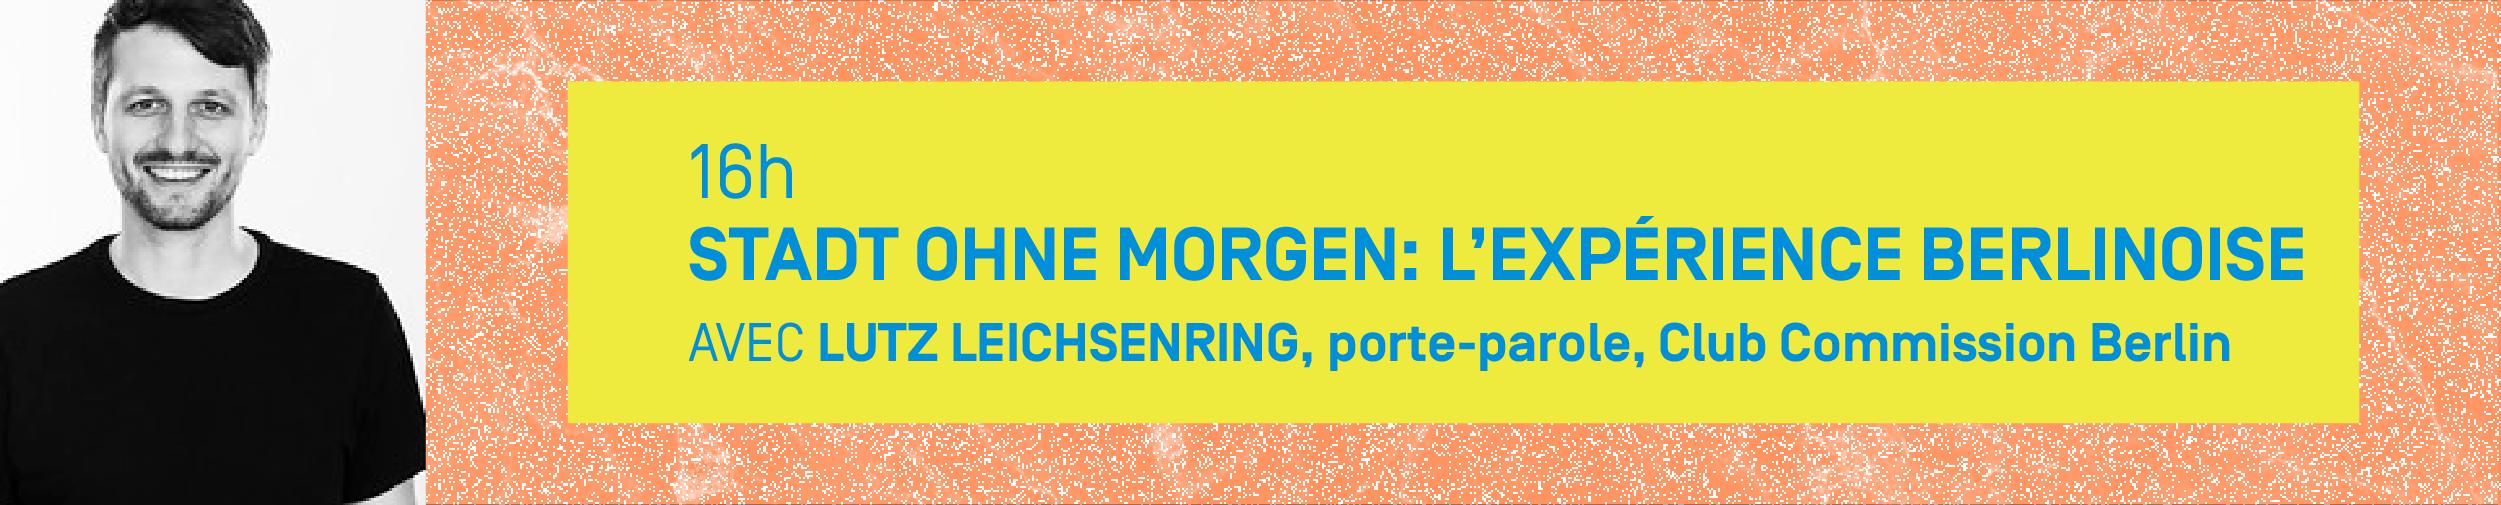 16h – STADT OHNE MORGEN: L'EXPÉRIENCE BERLINOISE Avec LUTZ LEICHSENRING, porte-parole, Club Commission Berlin